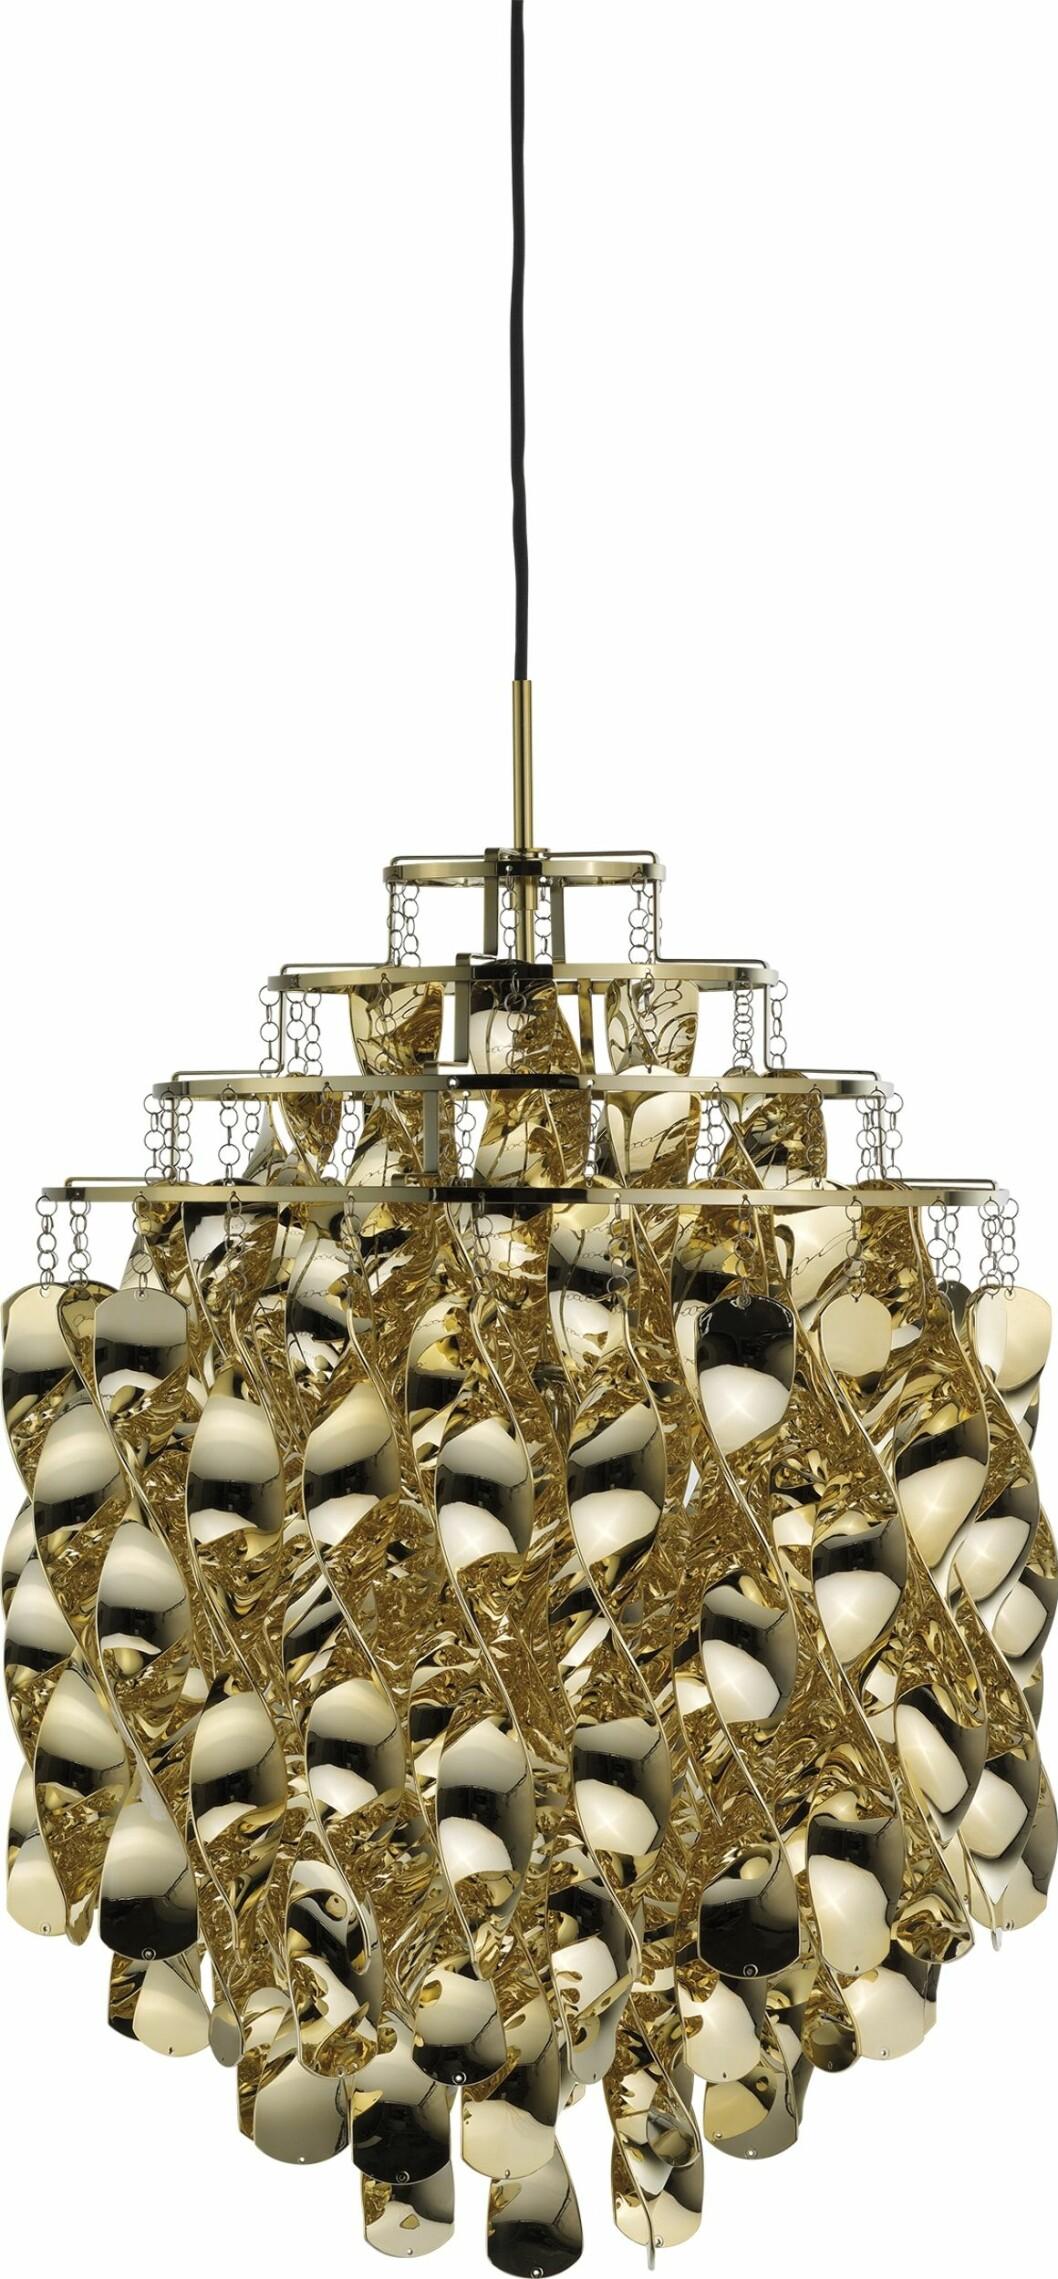 Taklampen Spiral SP01 er en evig klassiker, designet av Verner Panton i 1969(kr 12 460, Verpan).